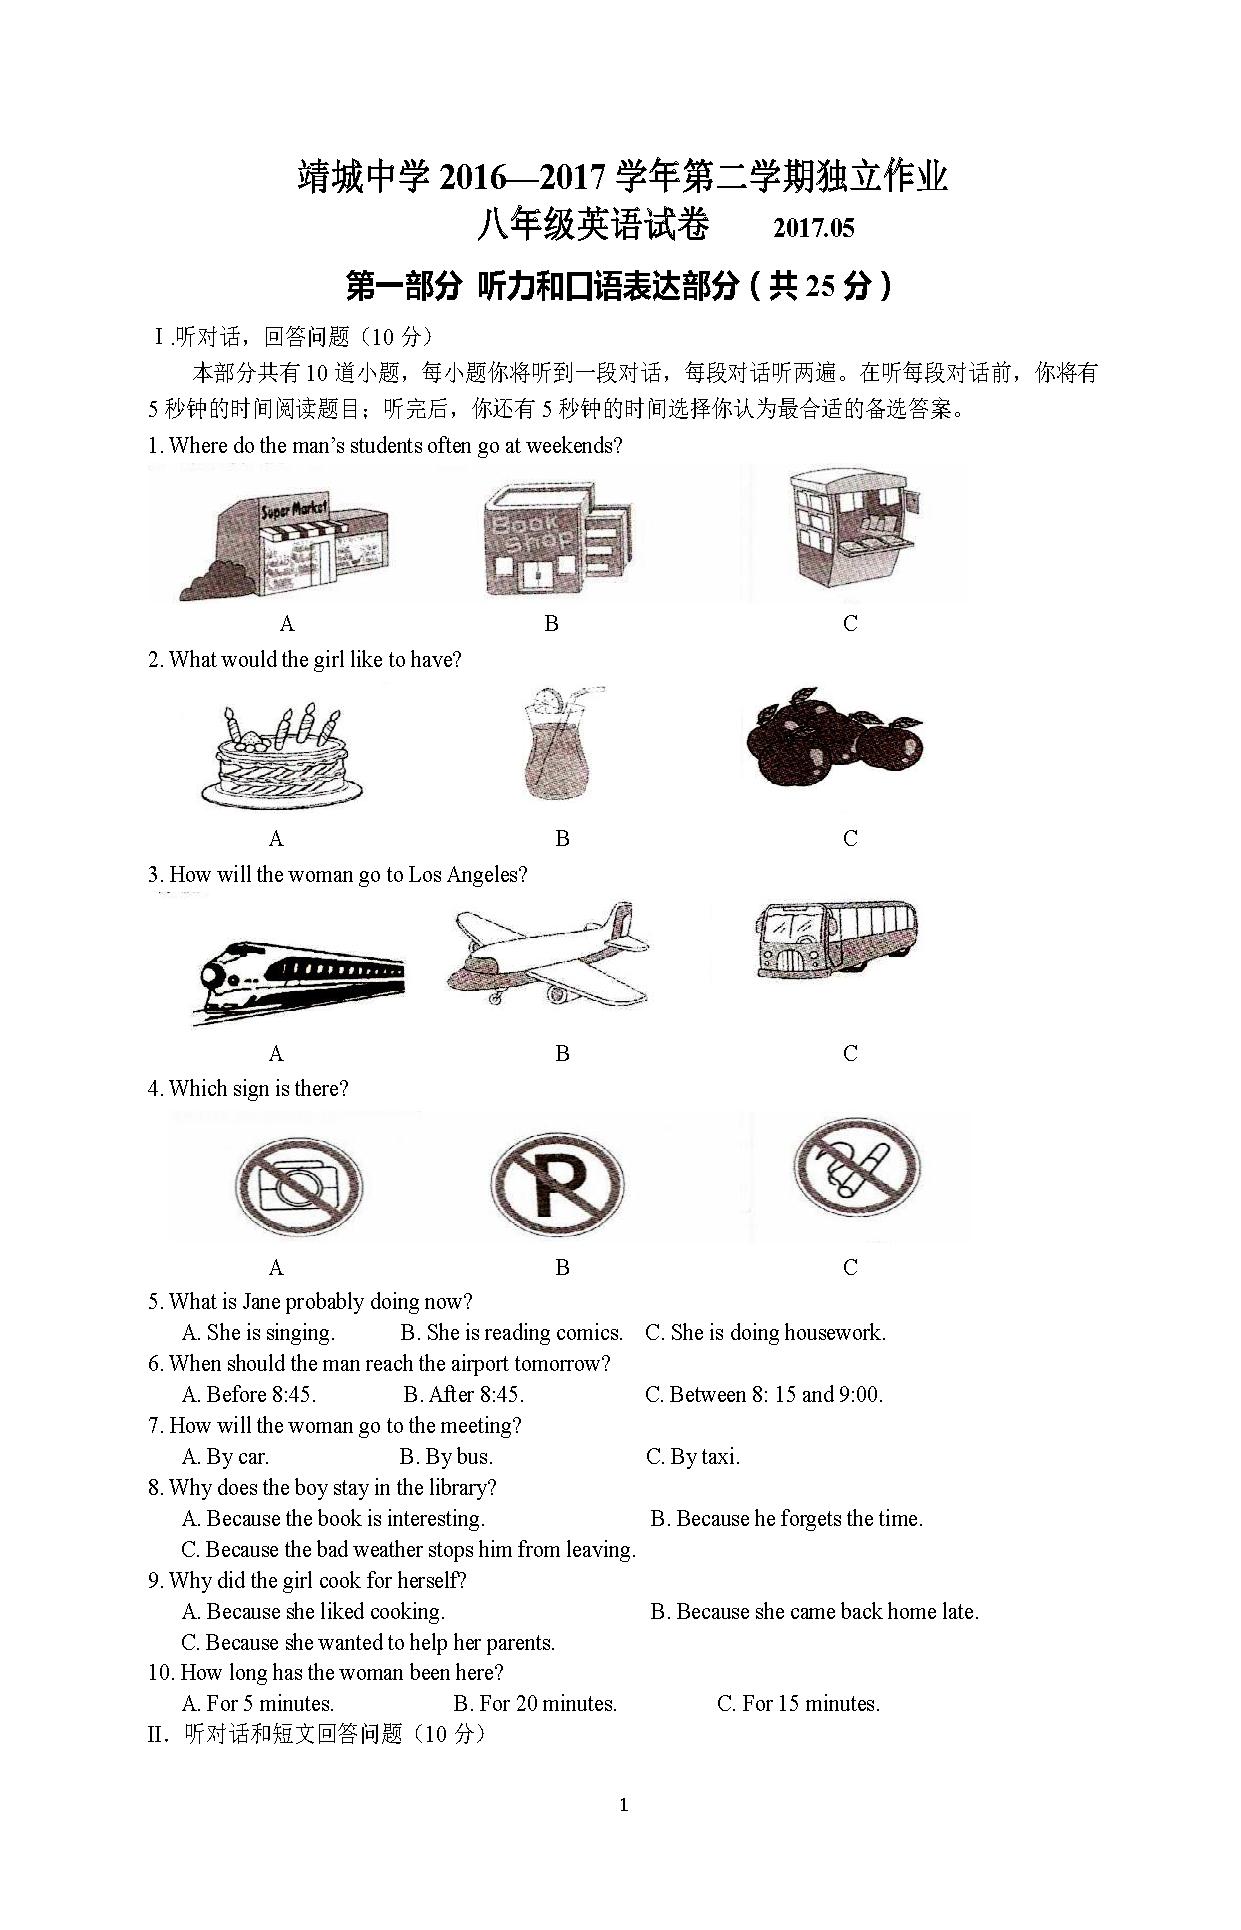 2017江苏靖城中学度八年级下5月独立作业英语试题(图片版)